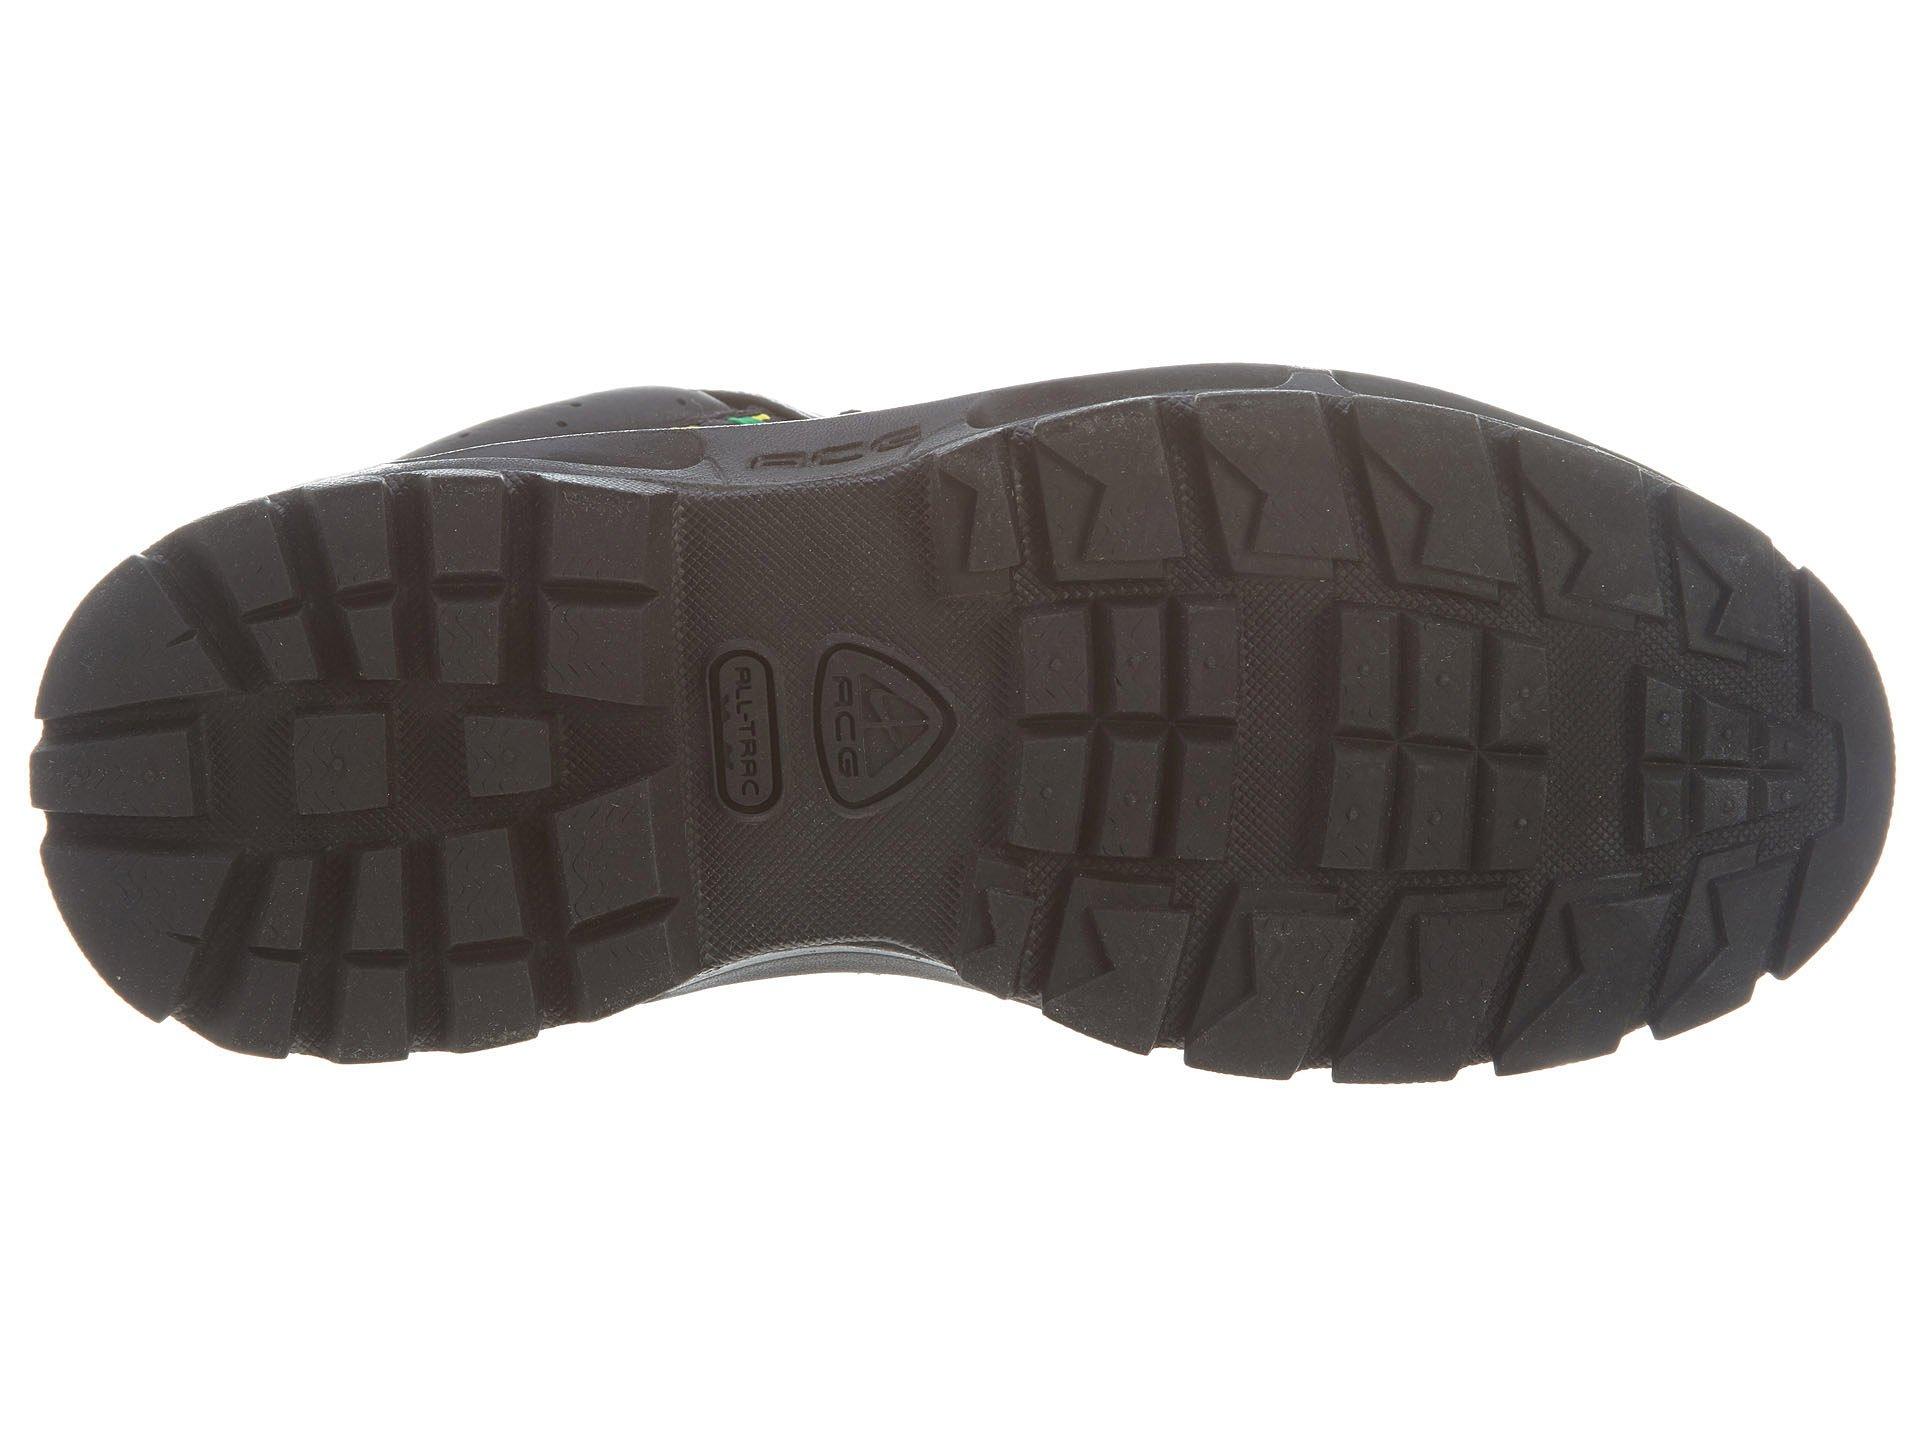 Nike Air Max Goadome (GS) Youth US 5.5 Black Chukka Boot